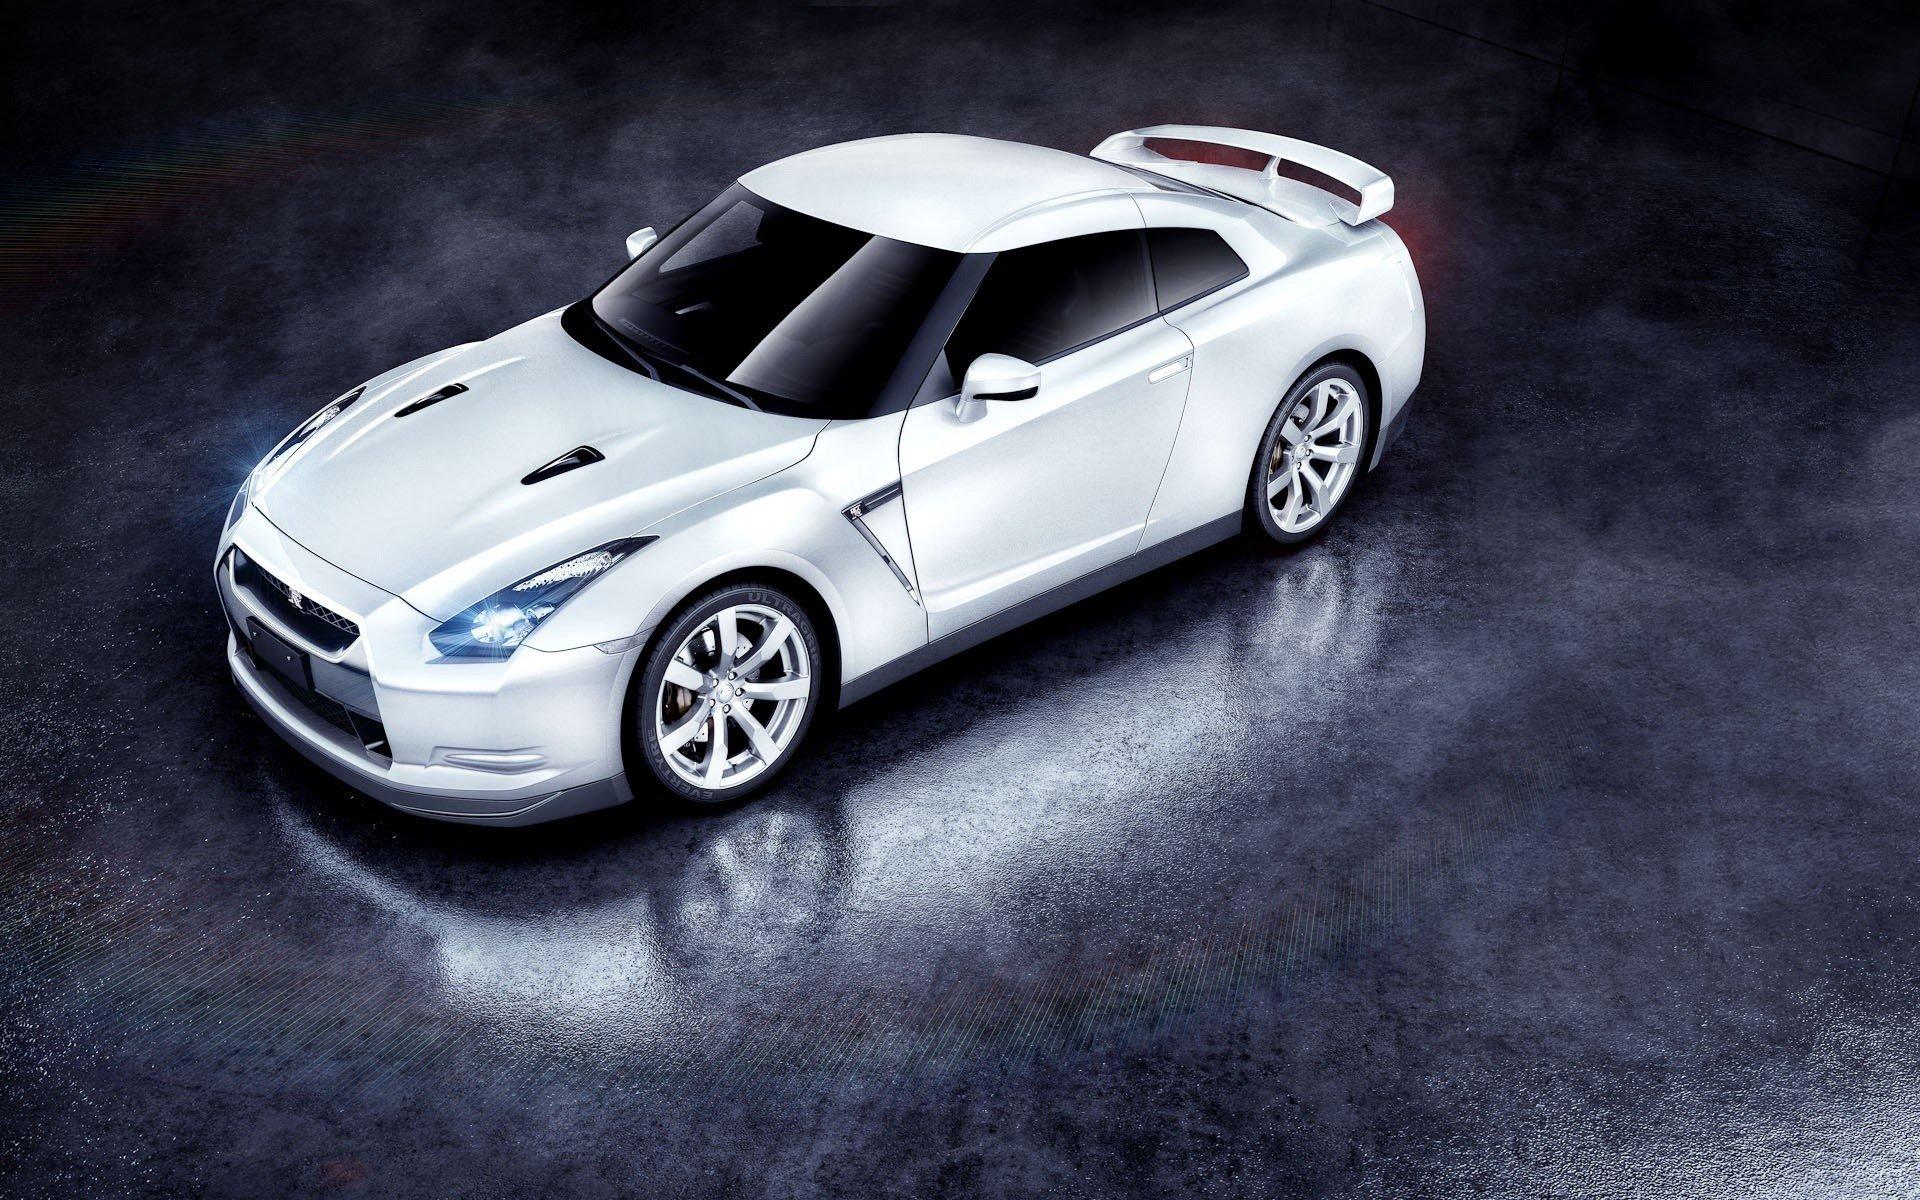 Fondos de pantalla White Nissan GTR